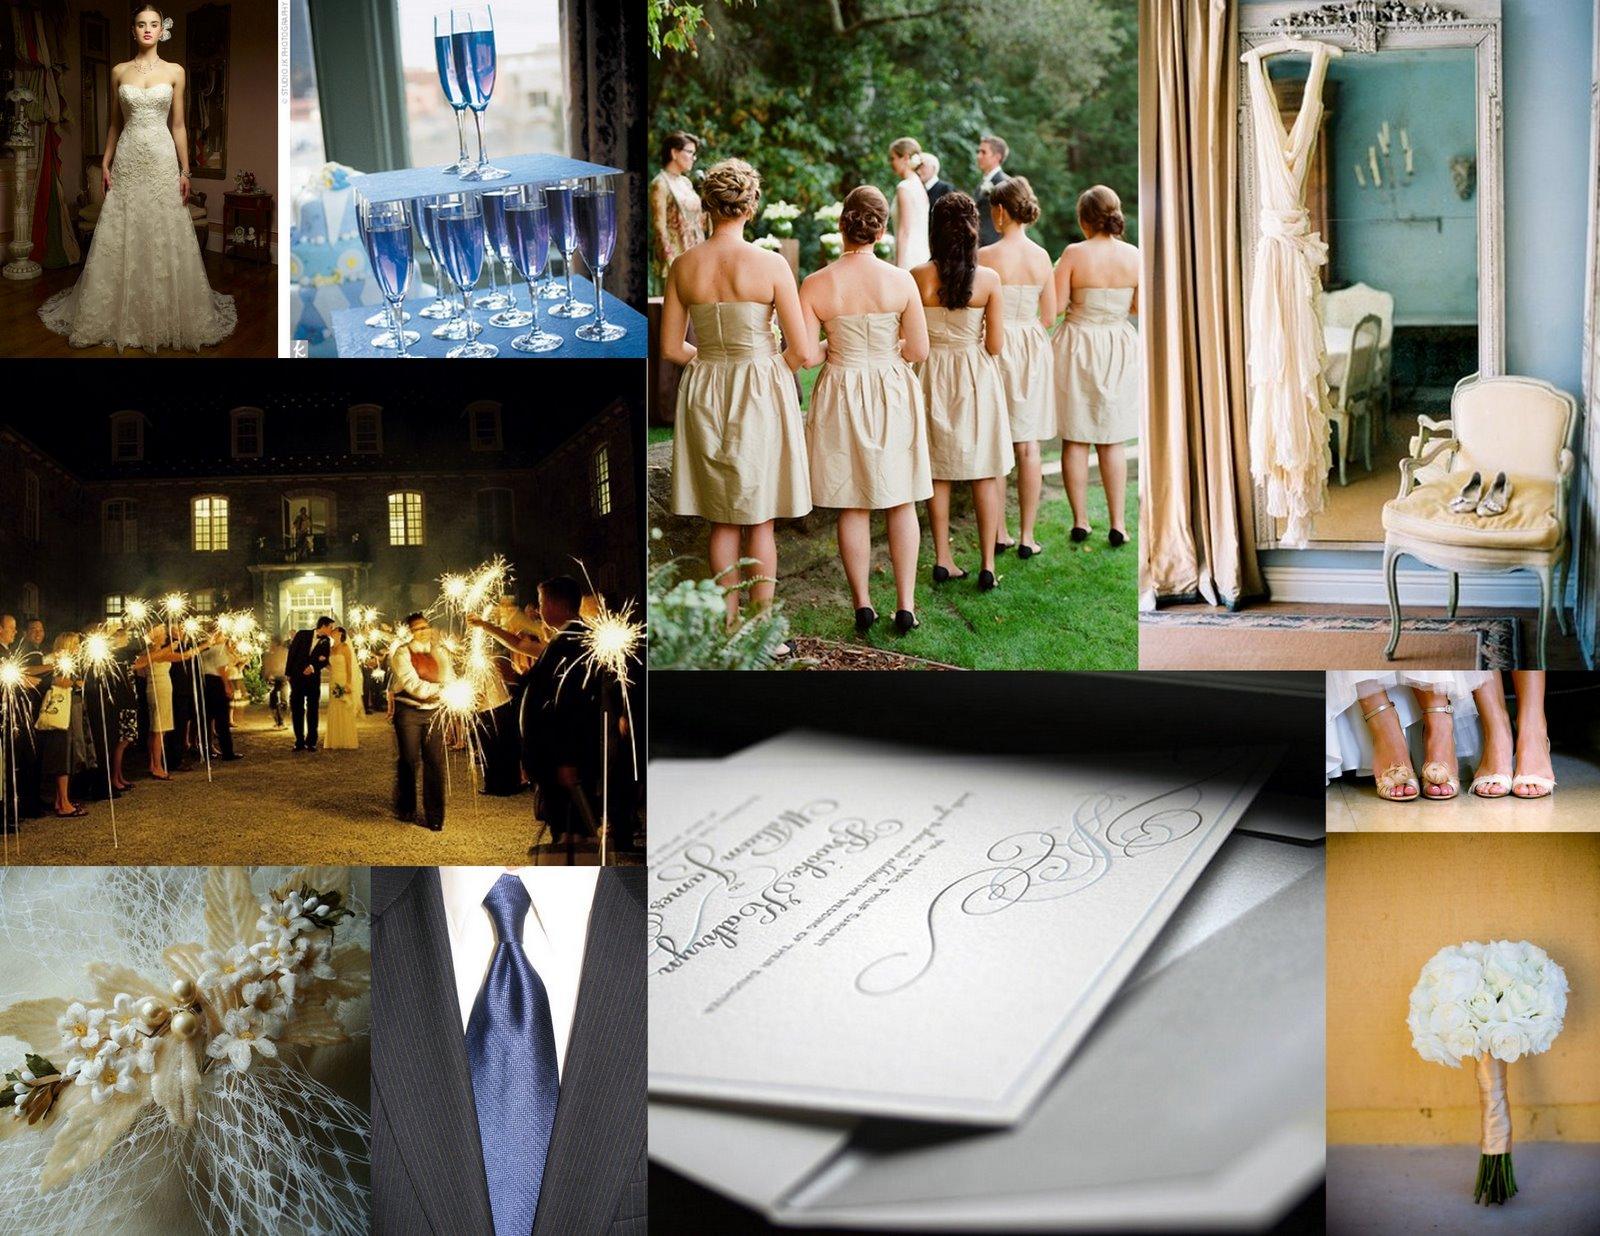 Black And Blue Wedding Colors 13 Hd Wallpaper - Hdblackwallpaper.com